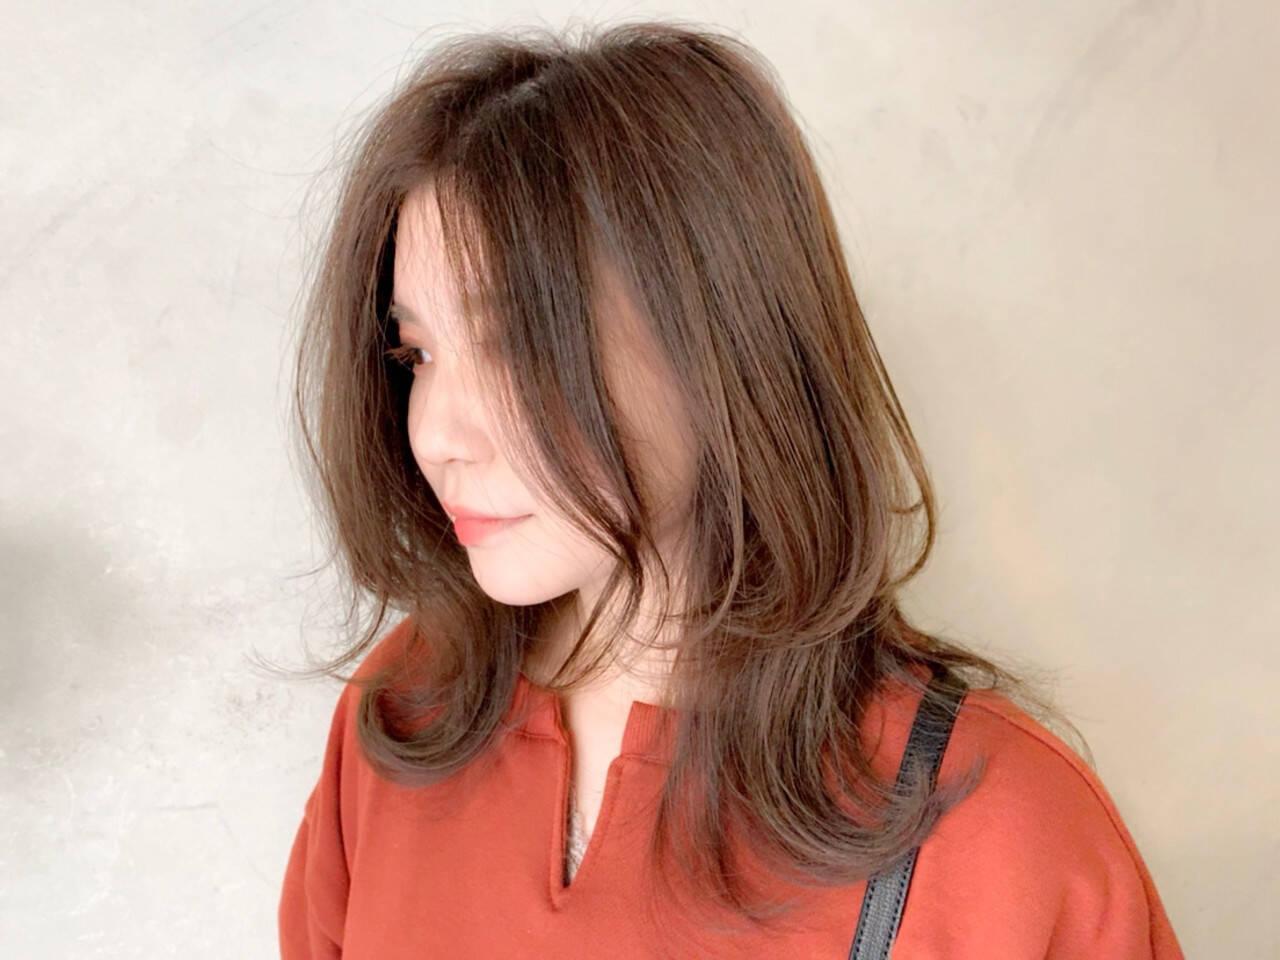 ミディアム レイヤーカット 抜け感 毛束感ヘアスタイルや髪型の写真・画像